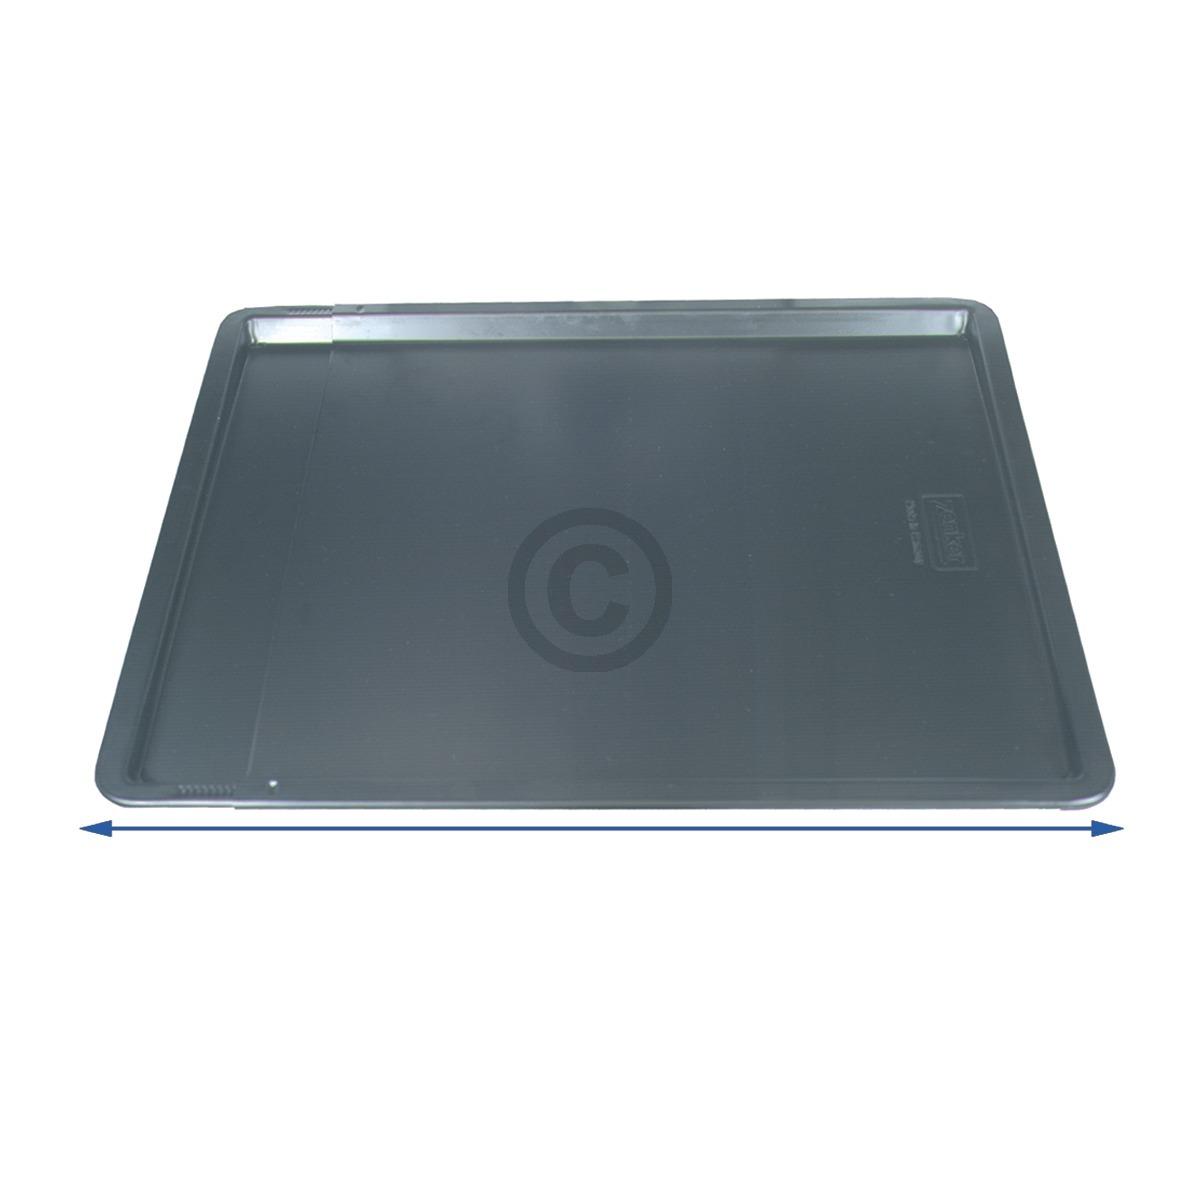 Backblech ausziehbar 375-520x335mm 13mm hoch antihaft, Universal!